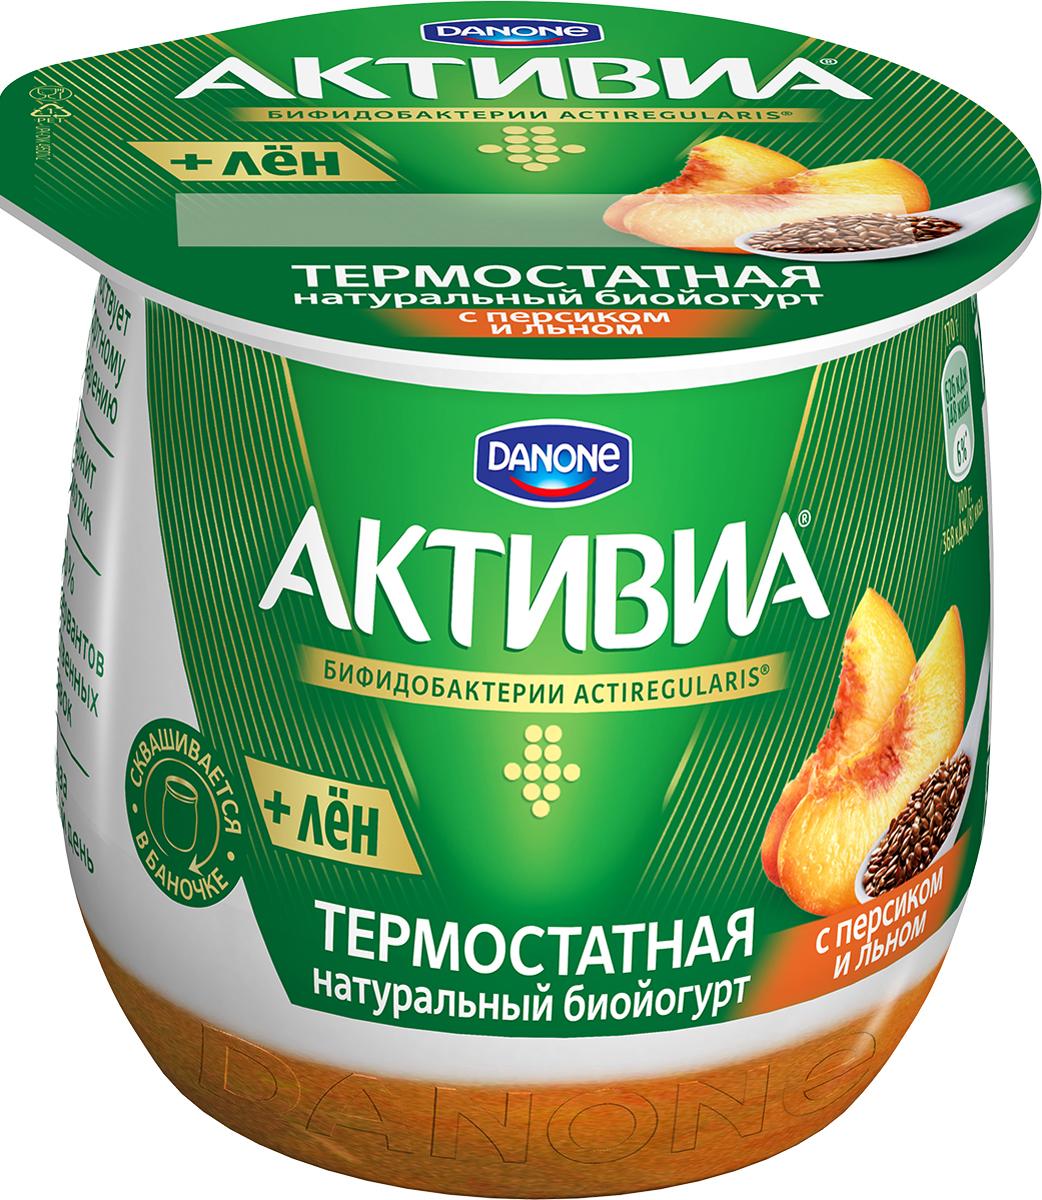 Активиа Биойогурт термостатный с персиком и семенами льна 3%, 170 г активиа высокобелковая биойогурт натуральный 3